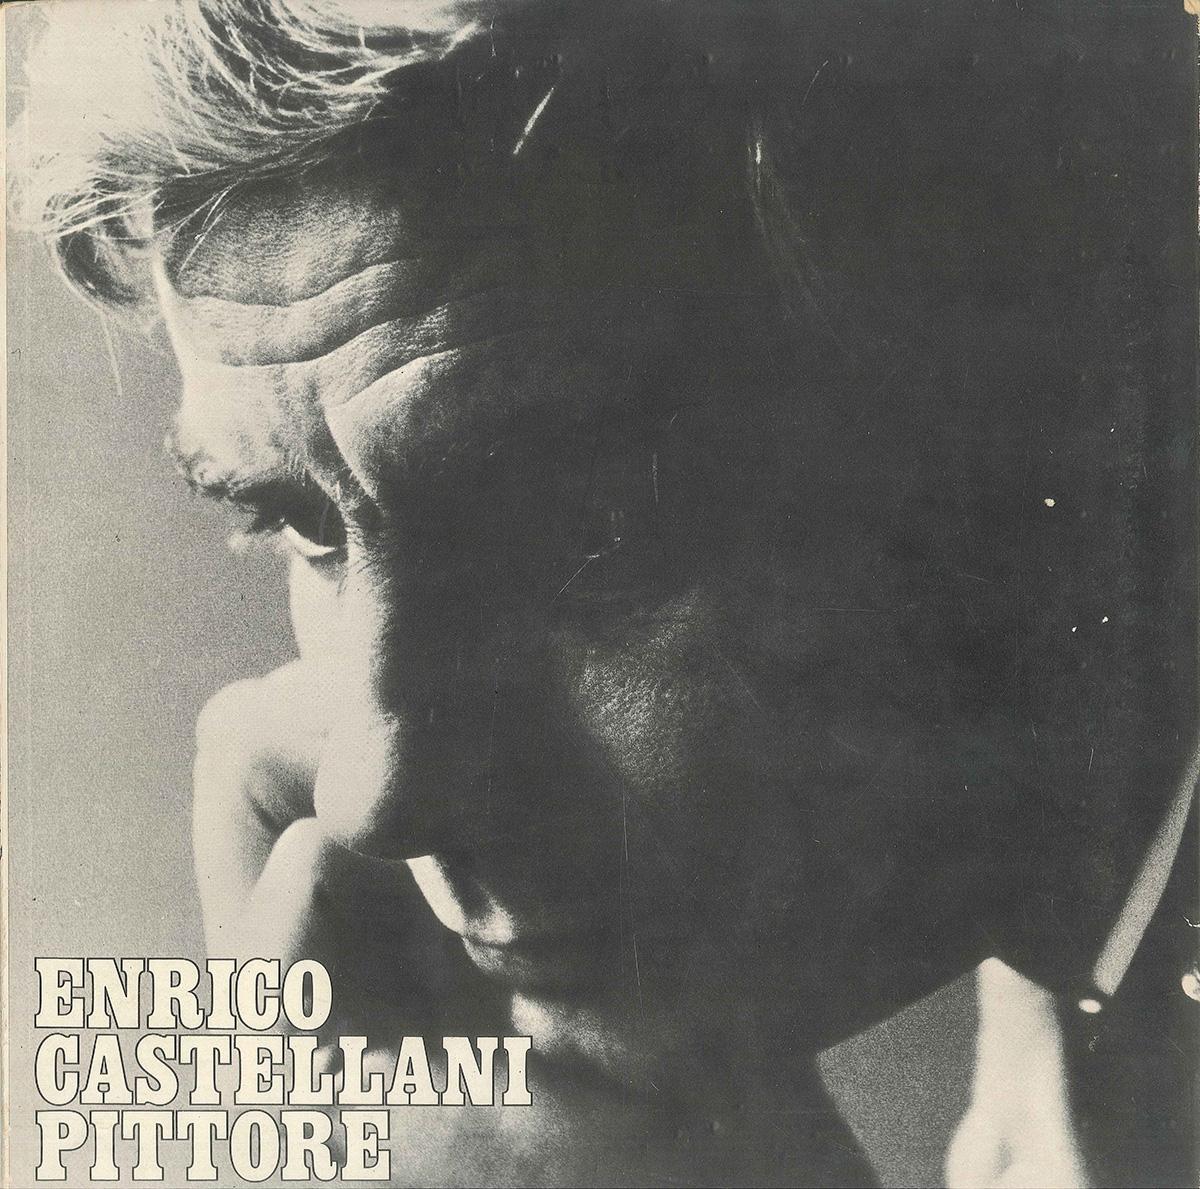 Cover - Enrico Castellani Pittore, Vincenzo Agnetti, 1968, Achille Mauri Editore, Milano